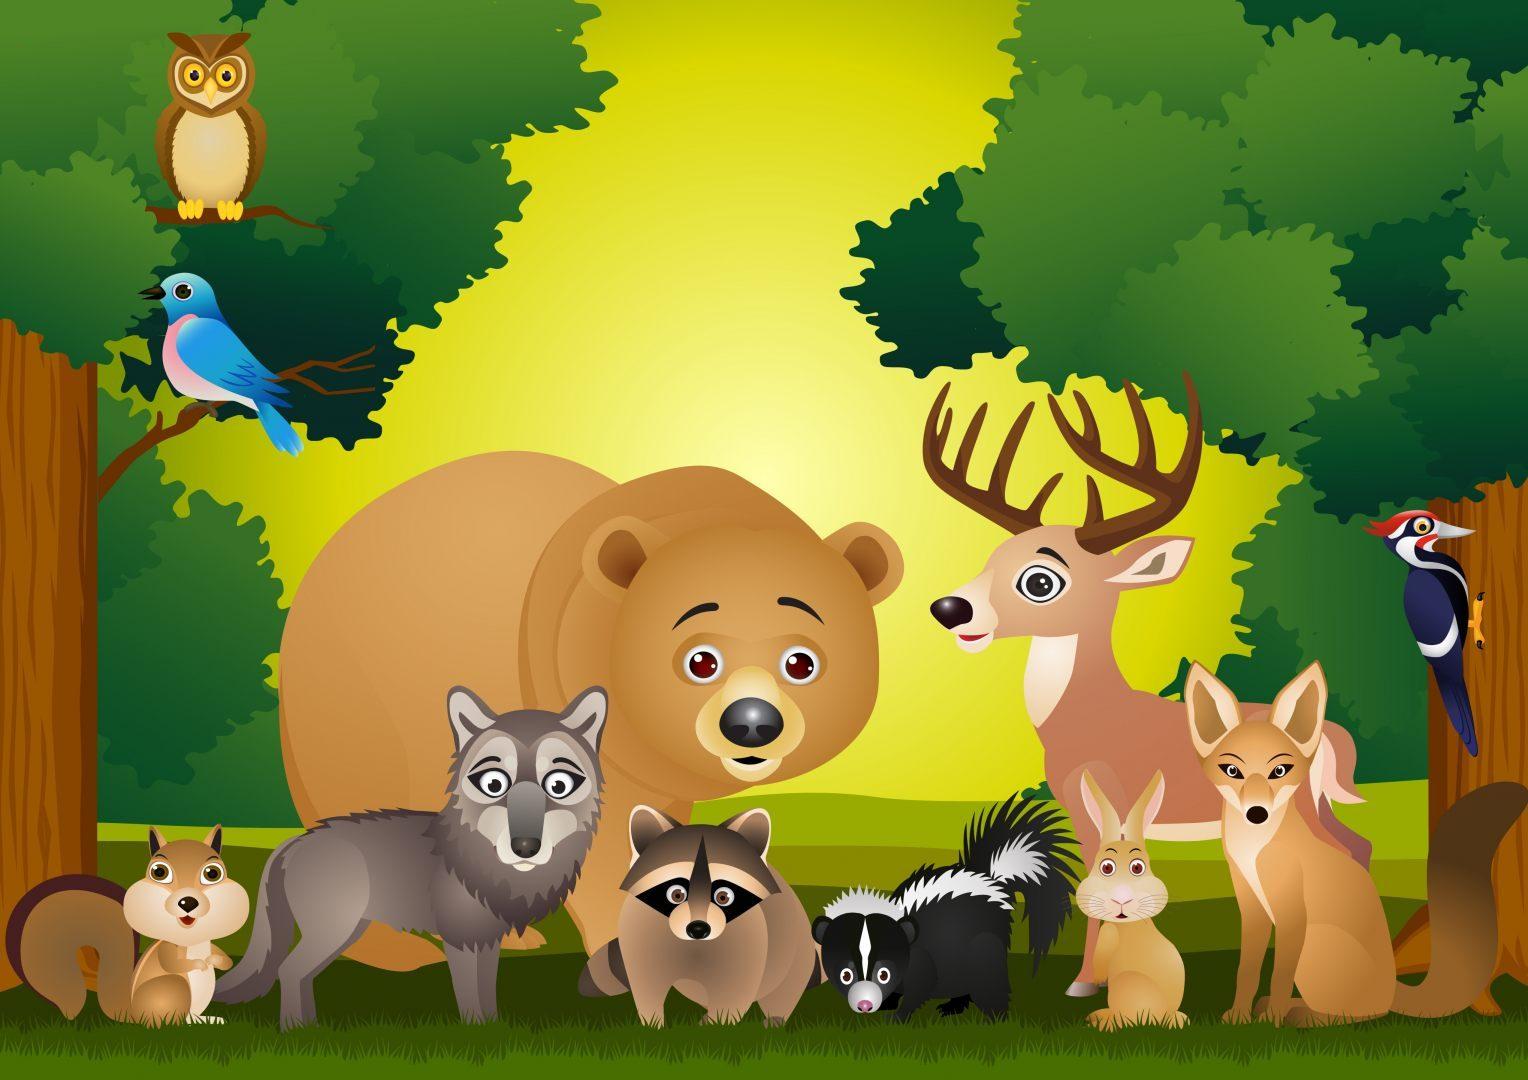 Animales del bosque im genes y fotos - Fotos infantiles de animales ...